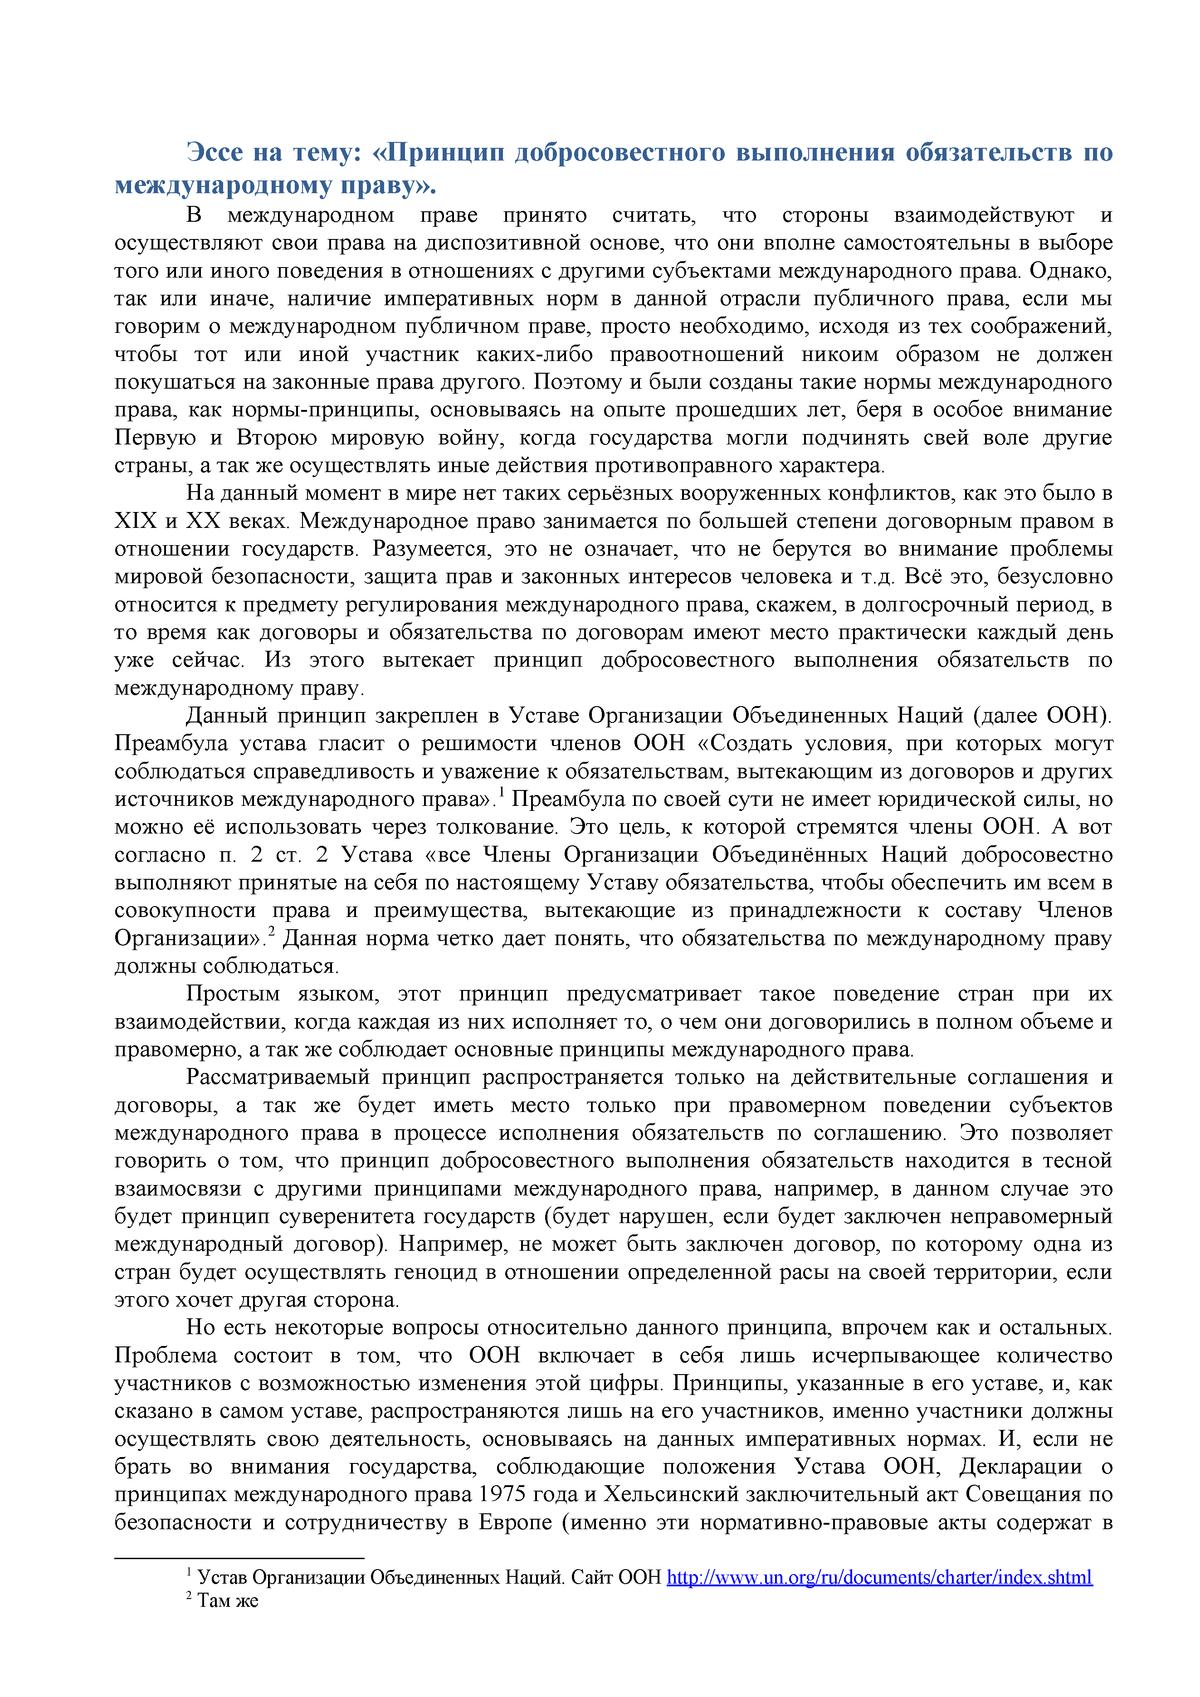 Эссе принципы международного права 2560